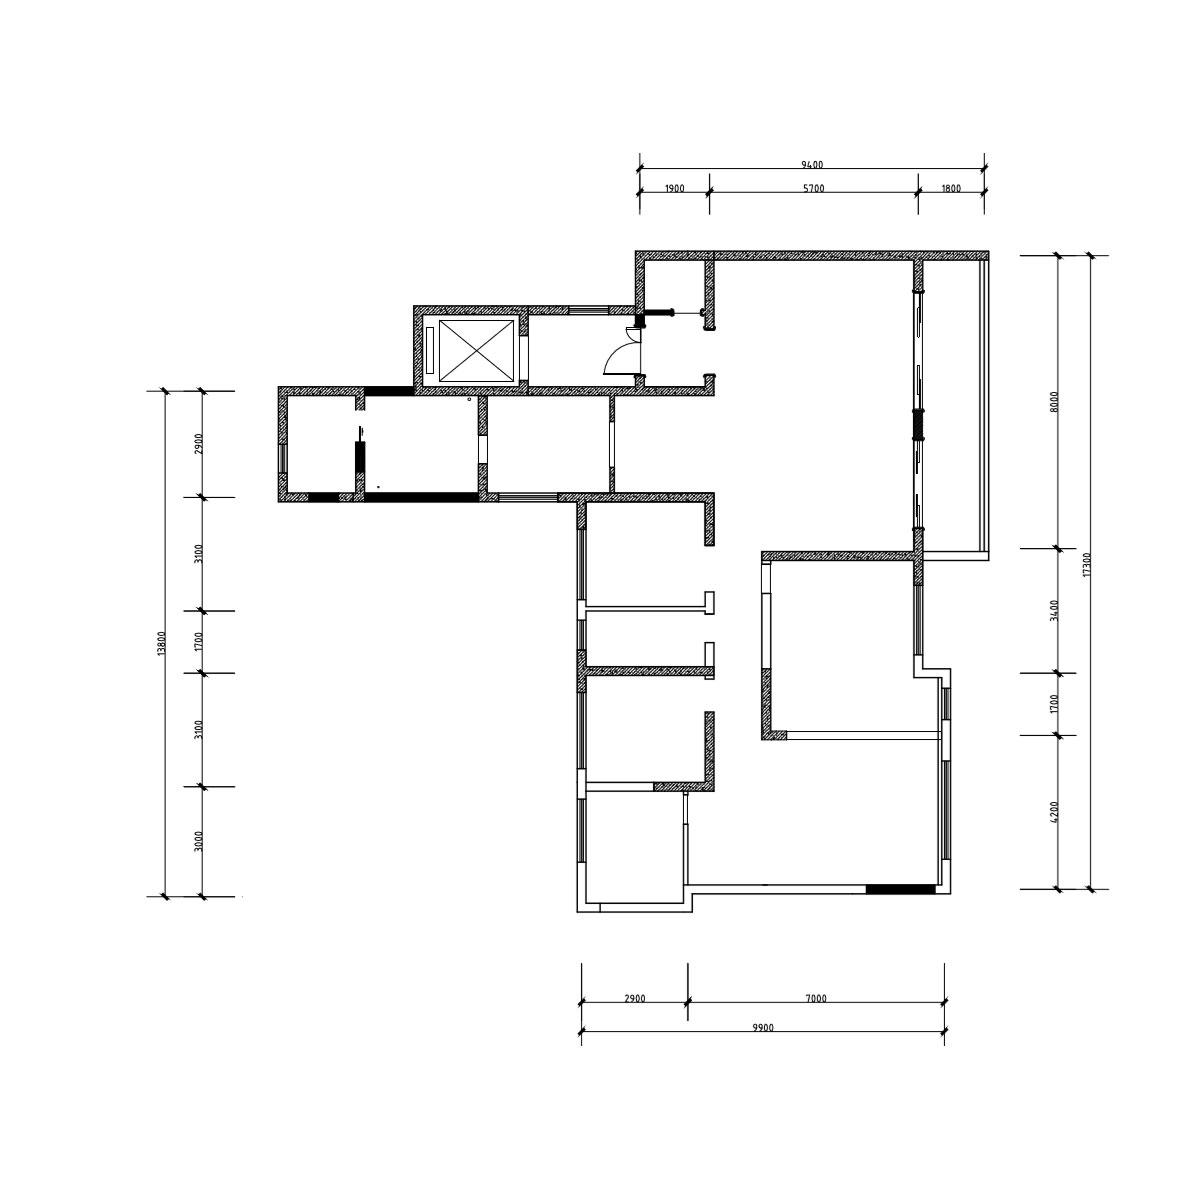 美式风格装修效果图丨复地金融岛204㎡五居室装修案例装修设计理念